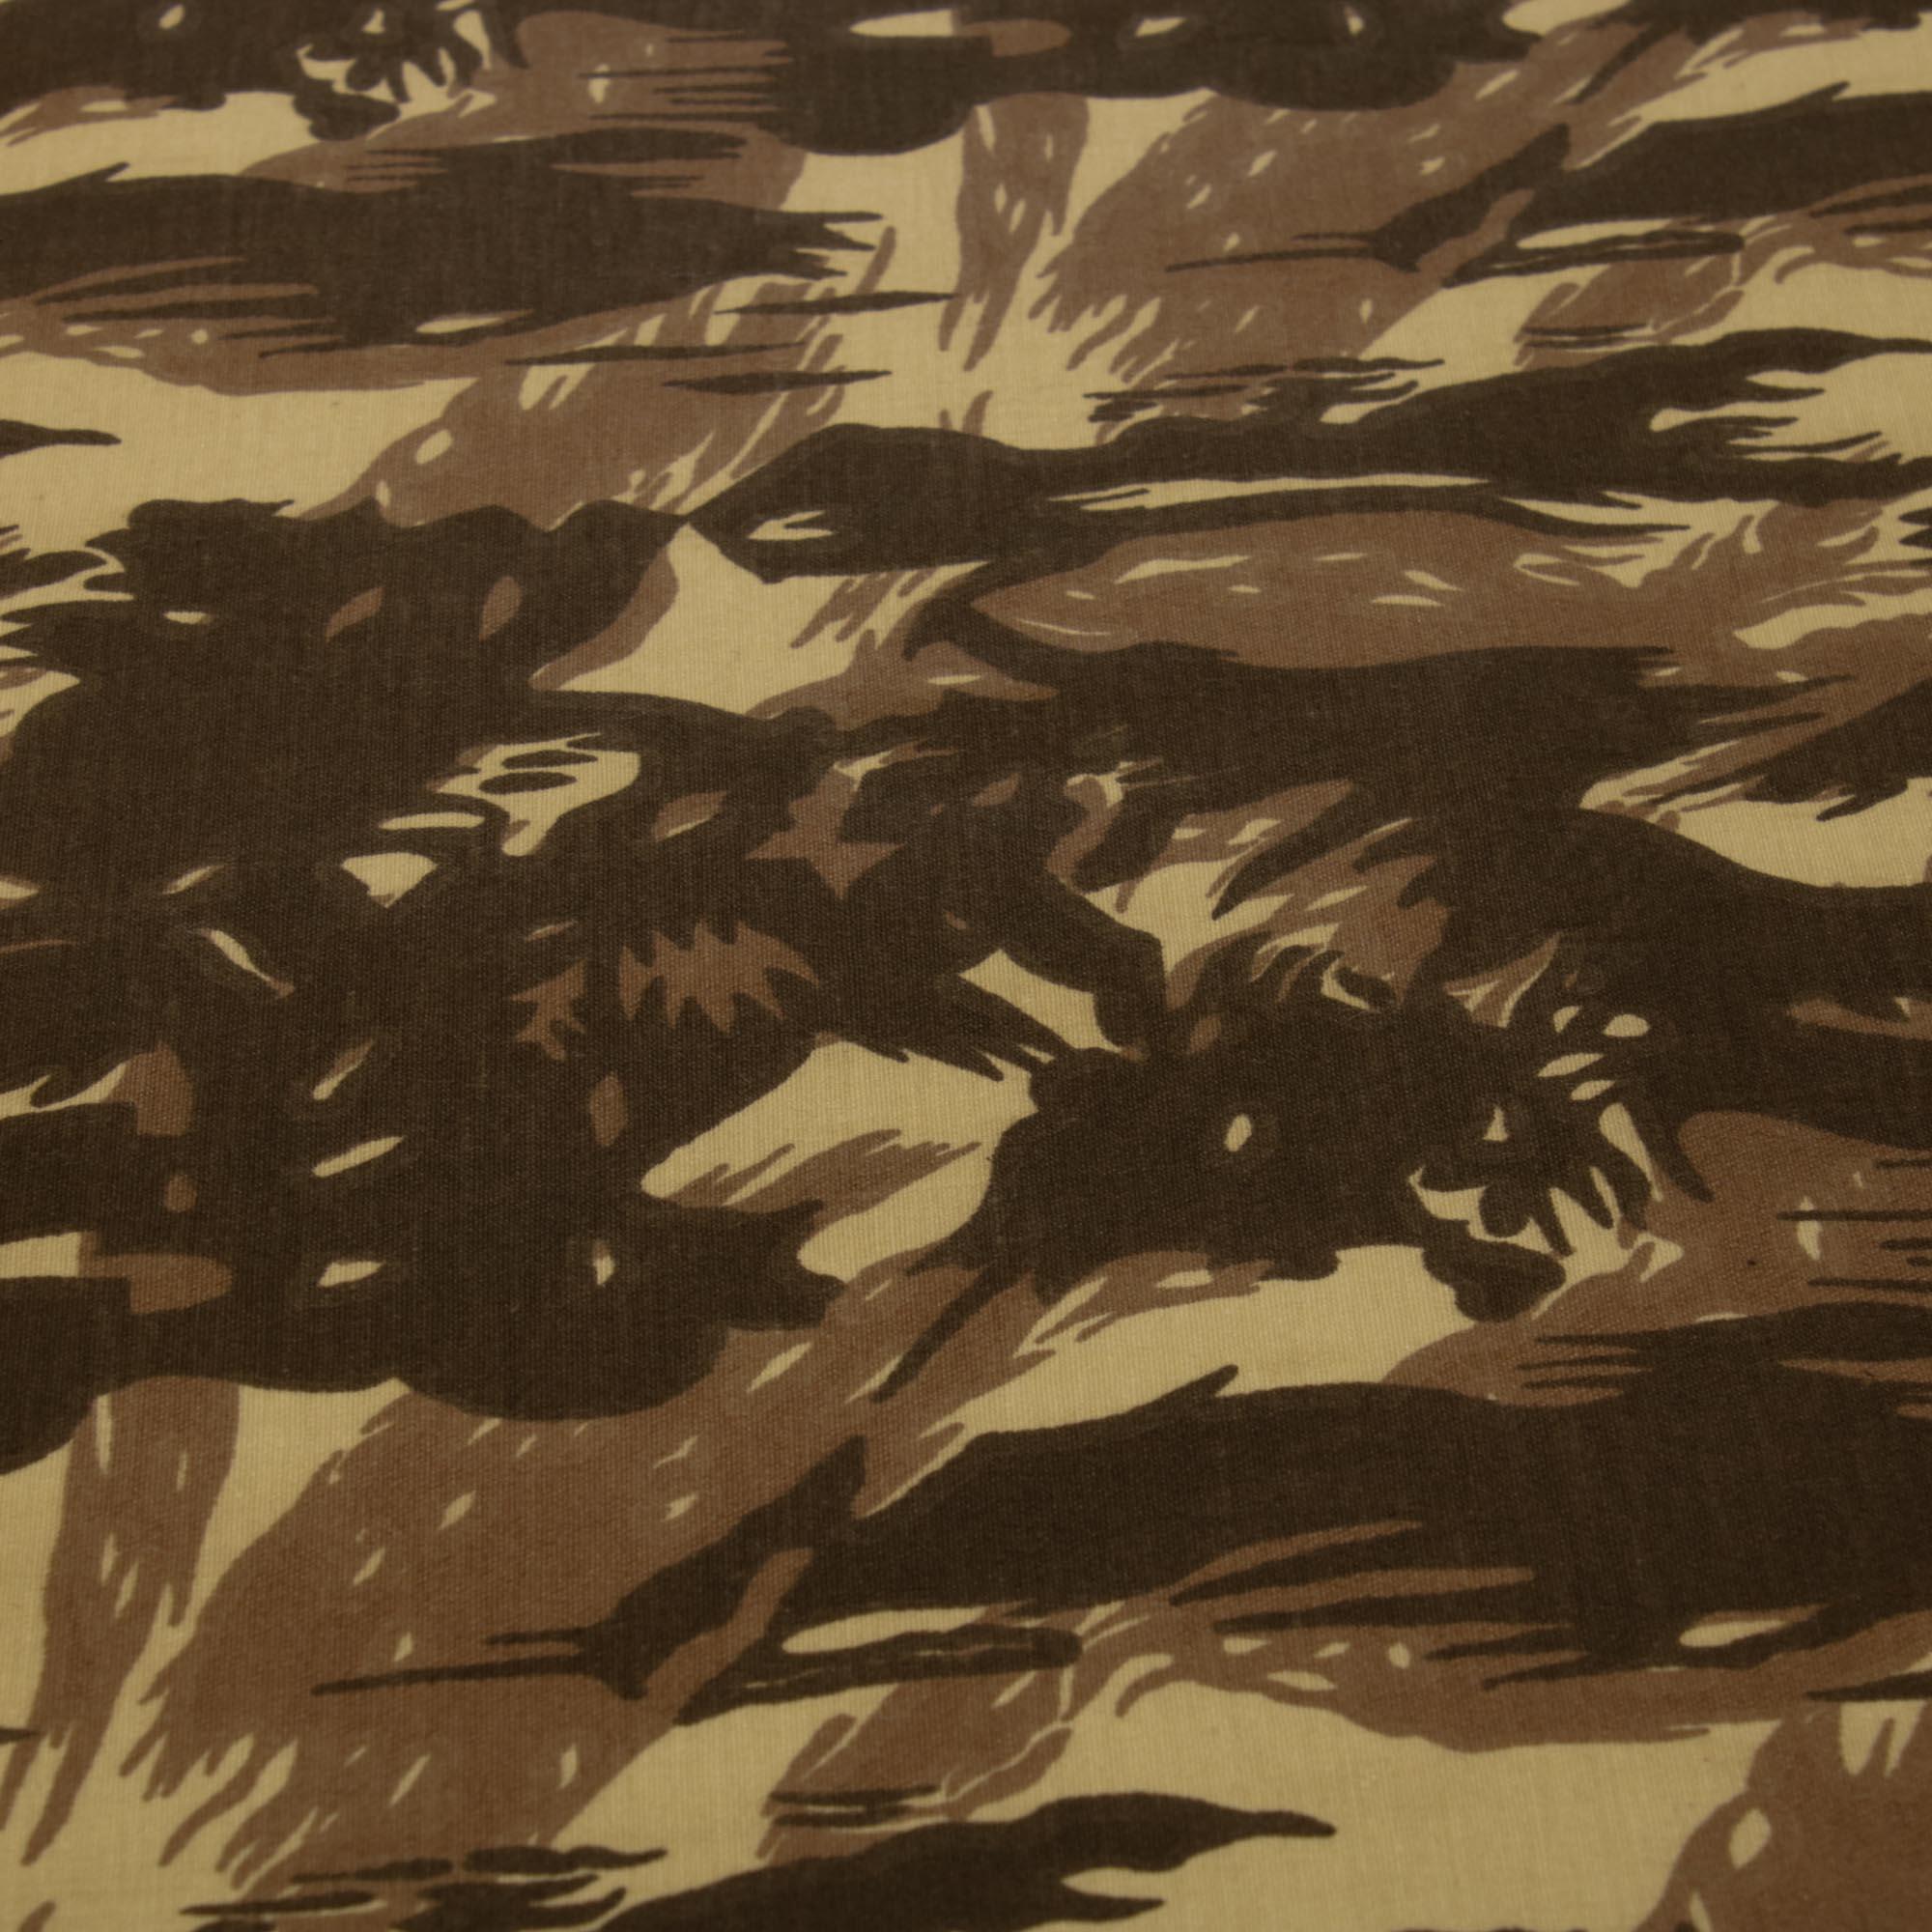 Tecido Sarja Camuflado Marrom 100% Algodão 1,60 Mt Largura